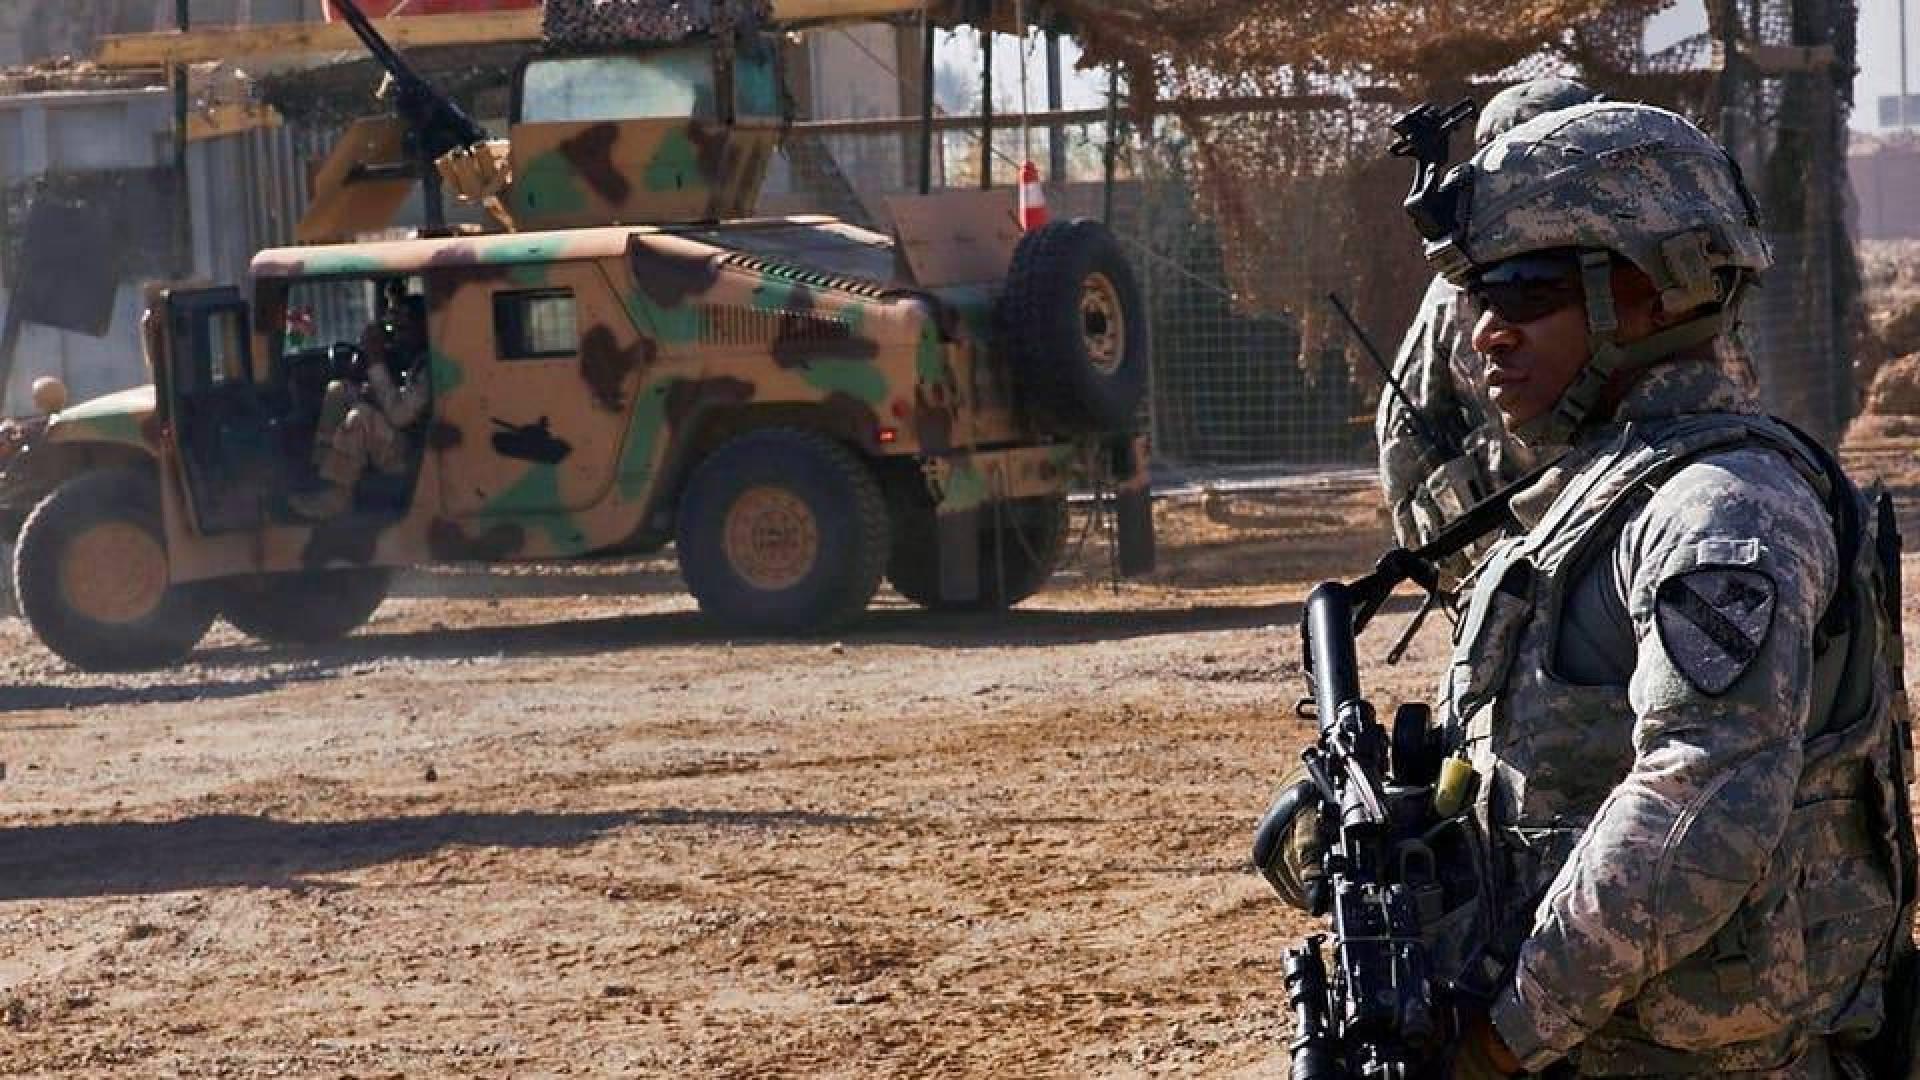 صواريخ كاتيوشا تستهدف قاعدة التاجي حيث يتمركز جنود أميركيون شمال بغداد